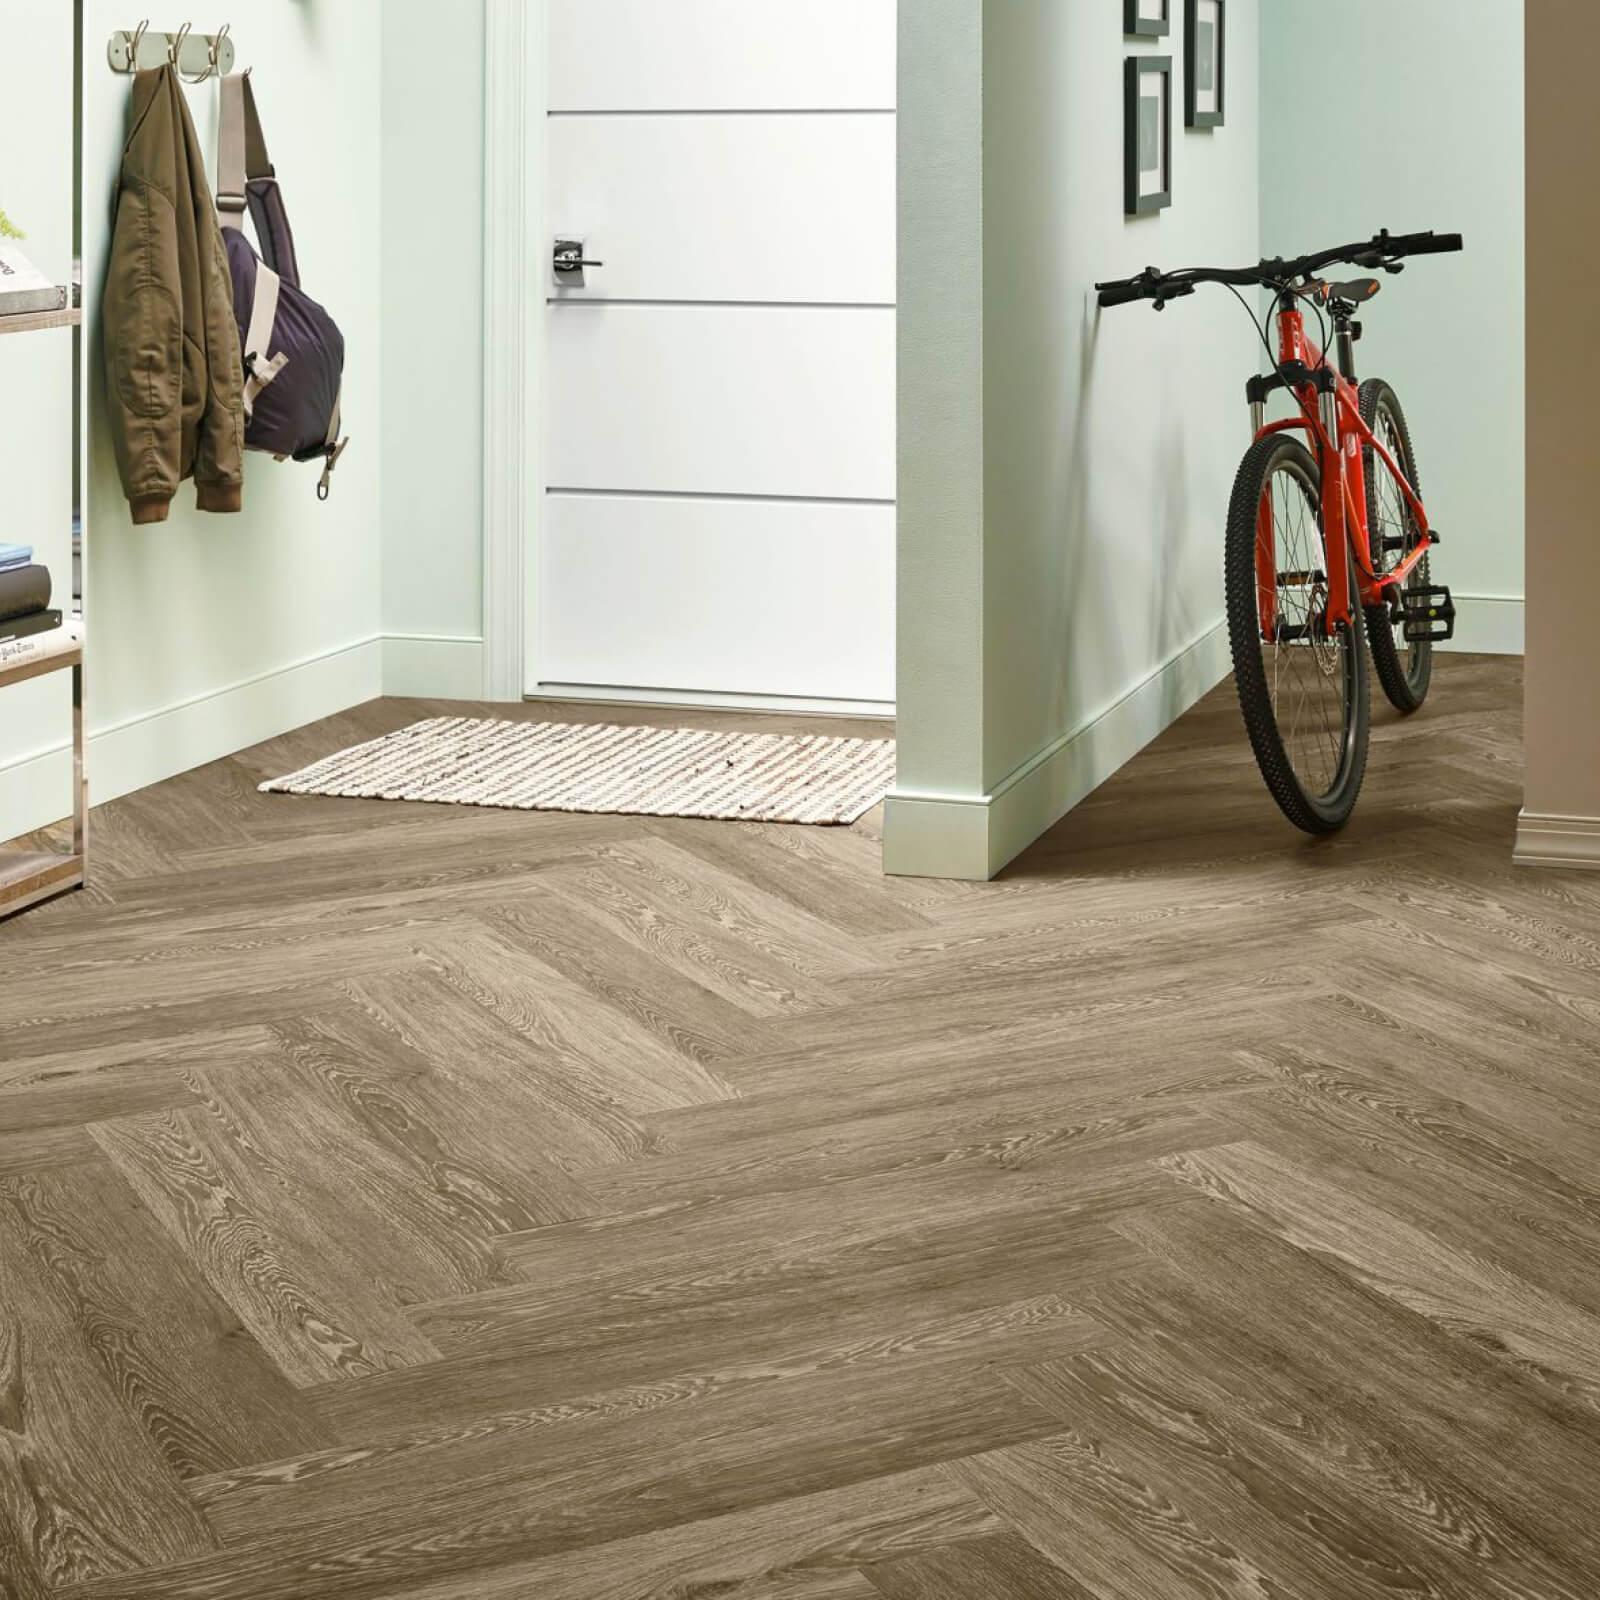 Bicycle on flooring | Georgia Flooring